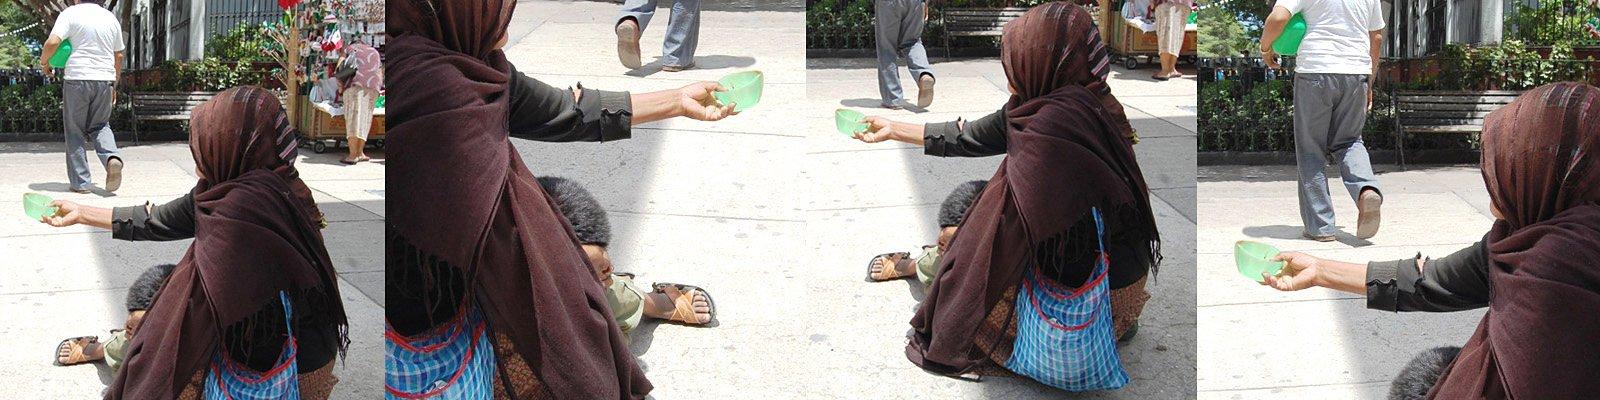 mendicante rom